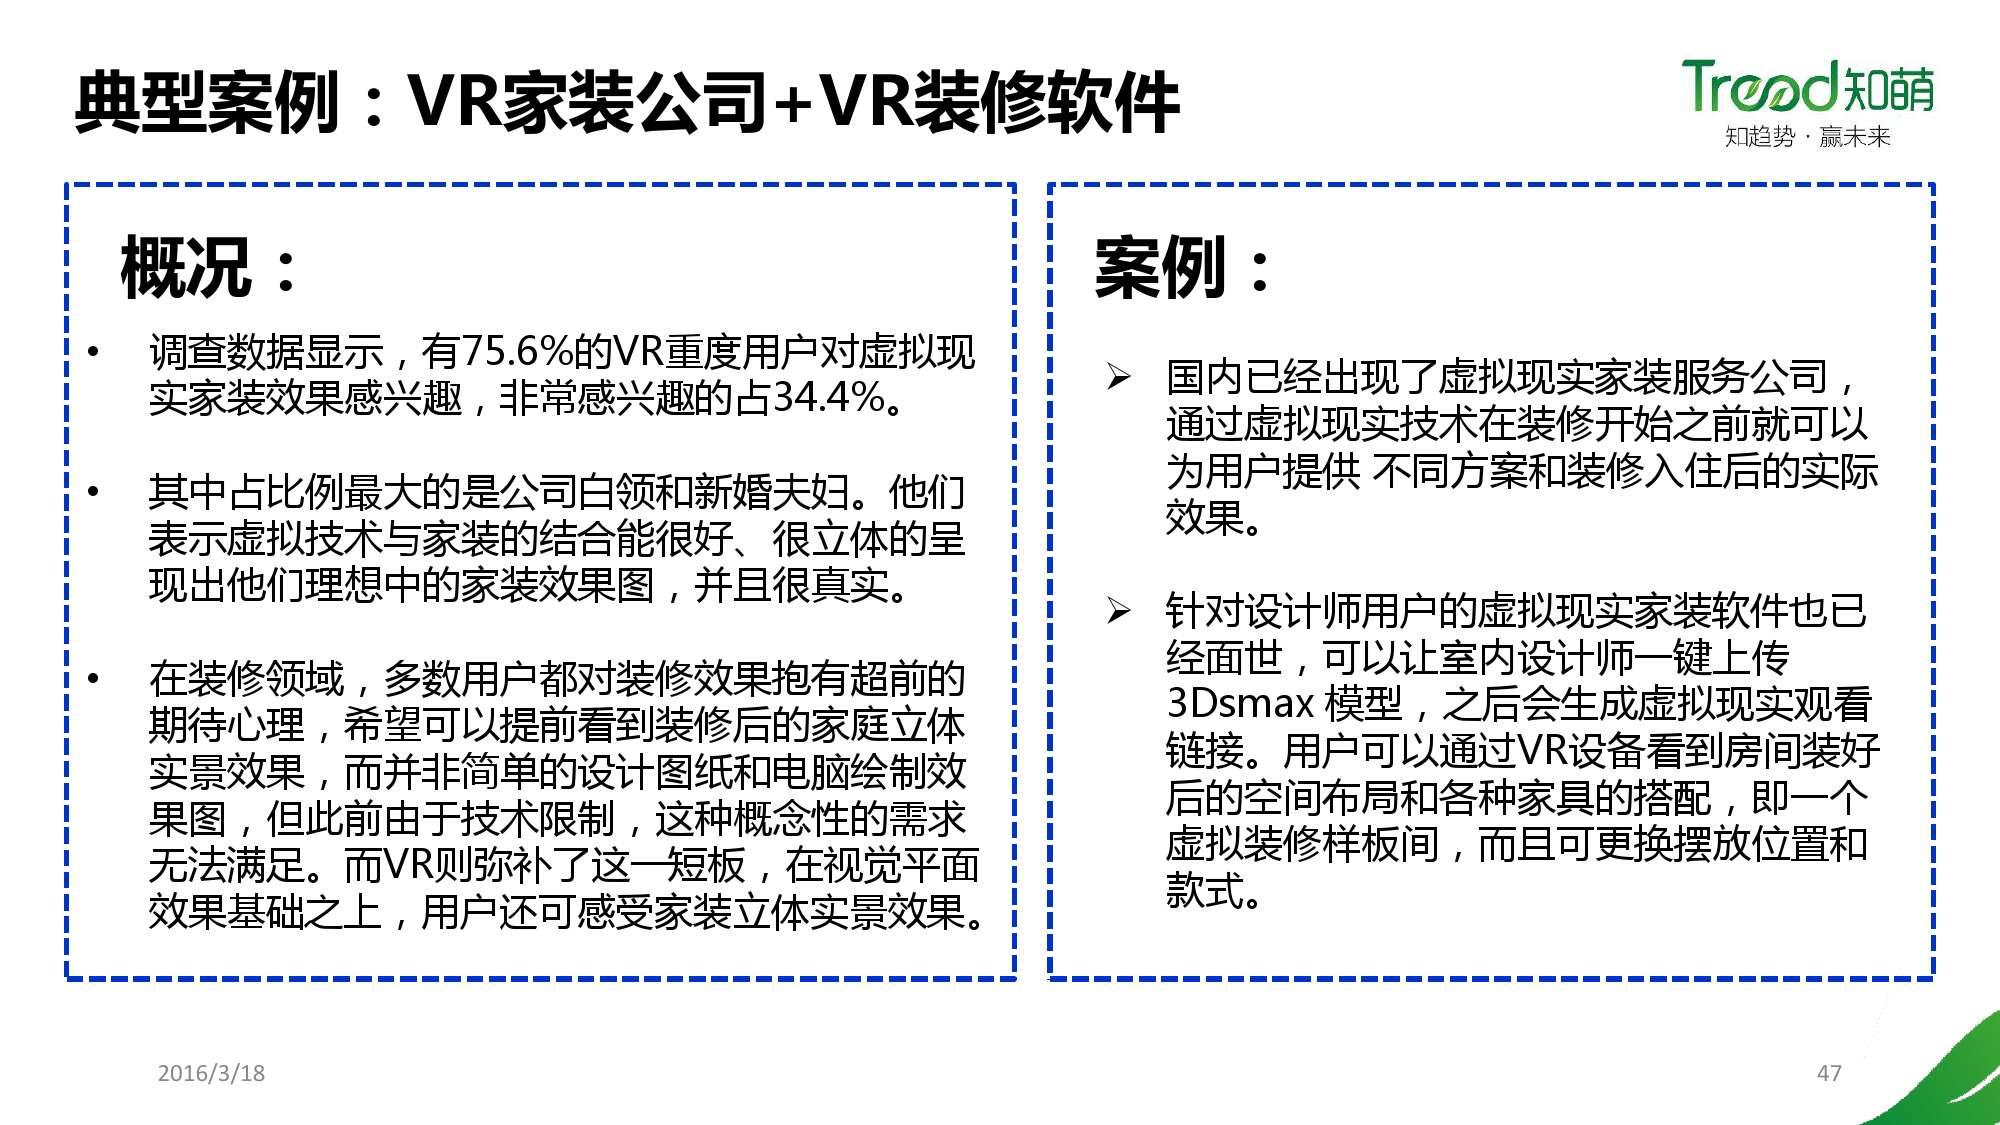 中国VR用户行为研究报告_000047